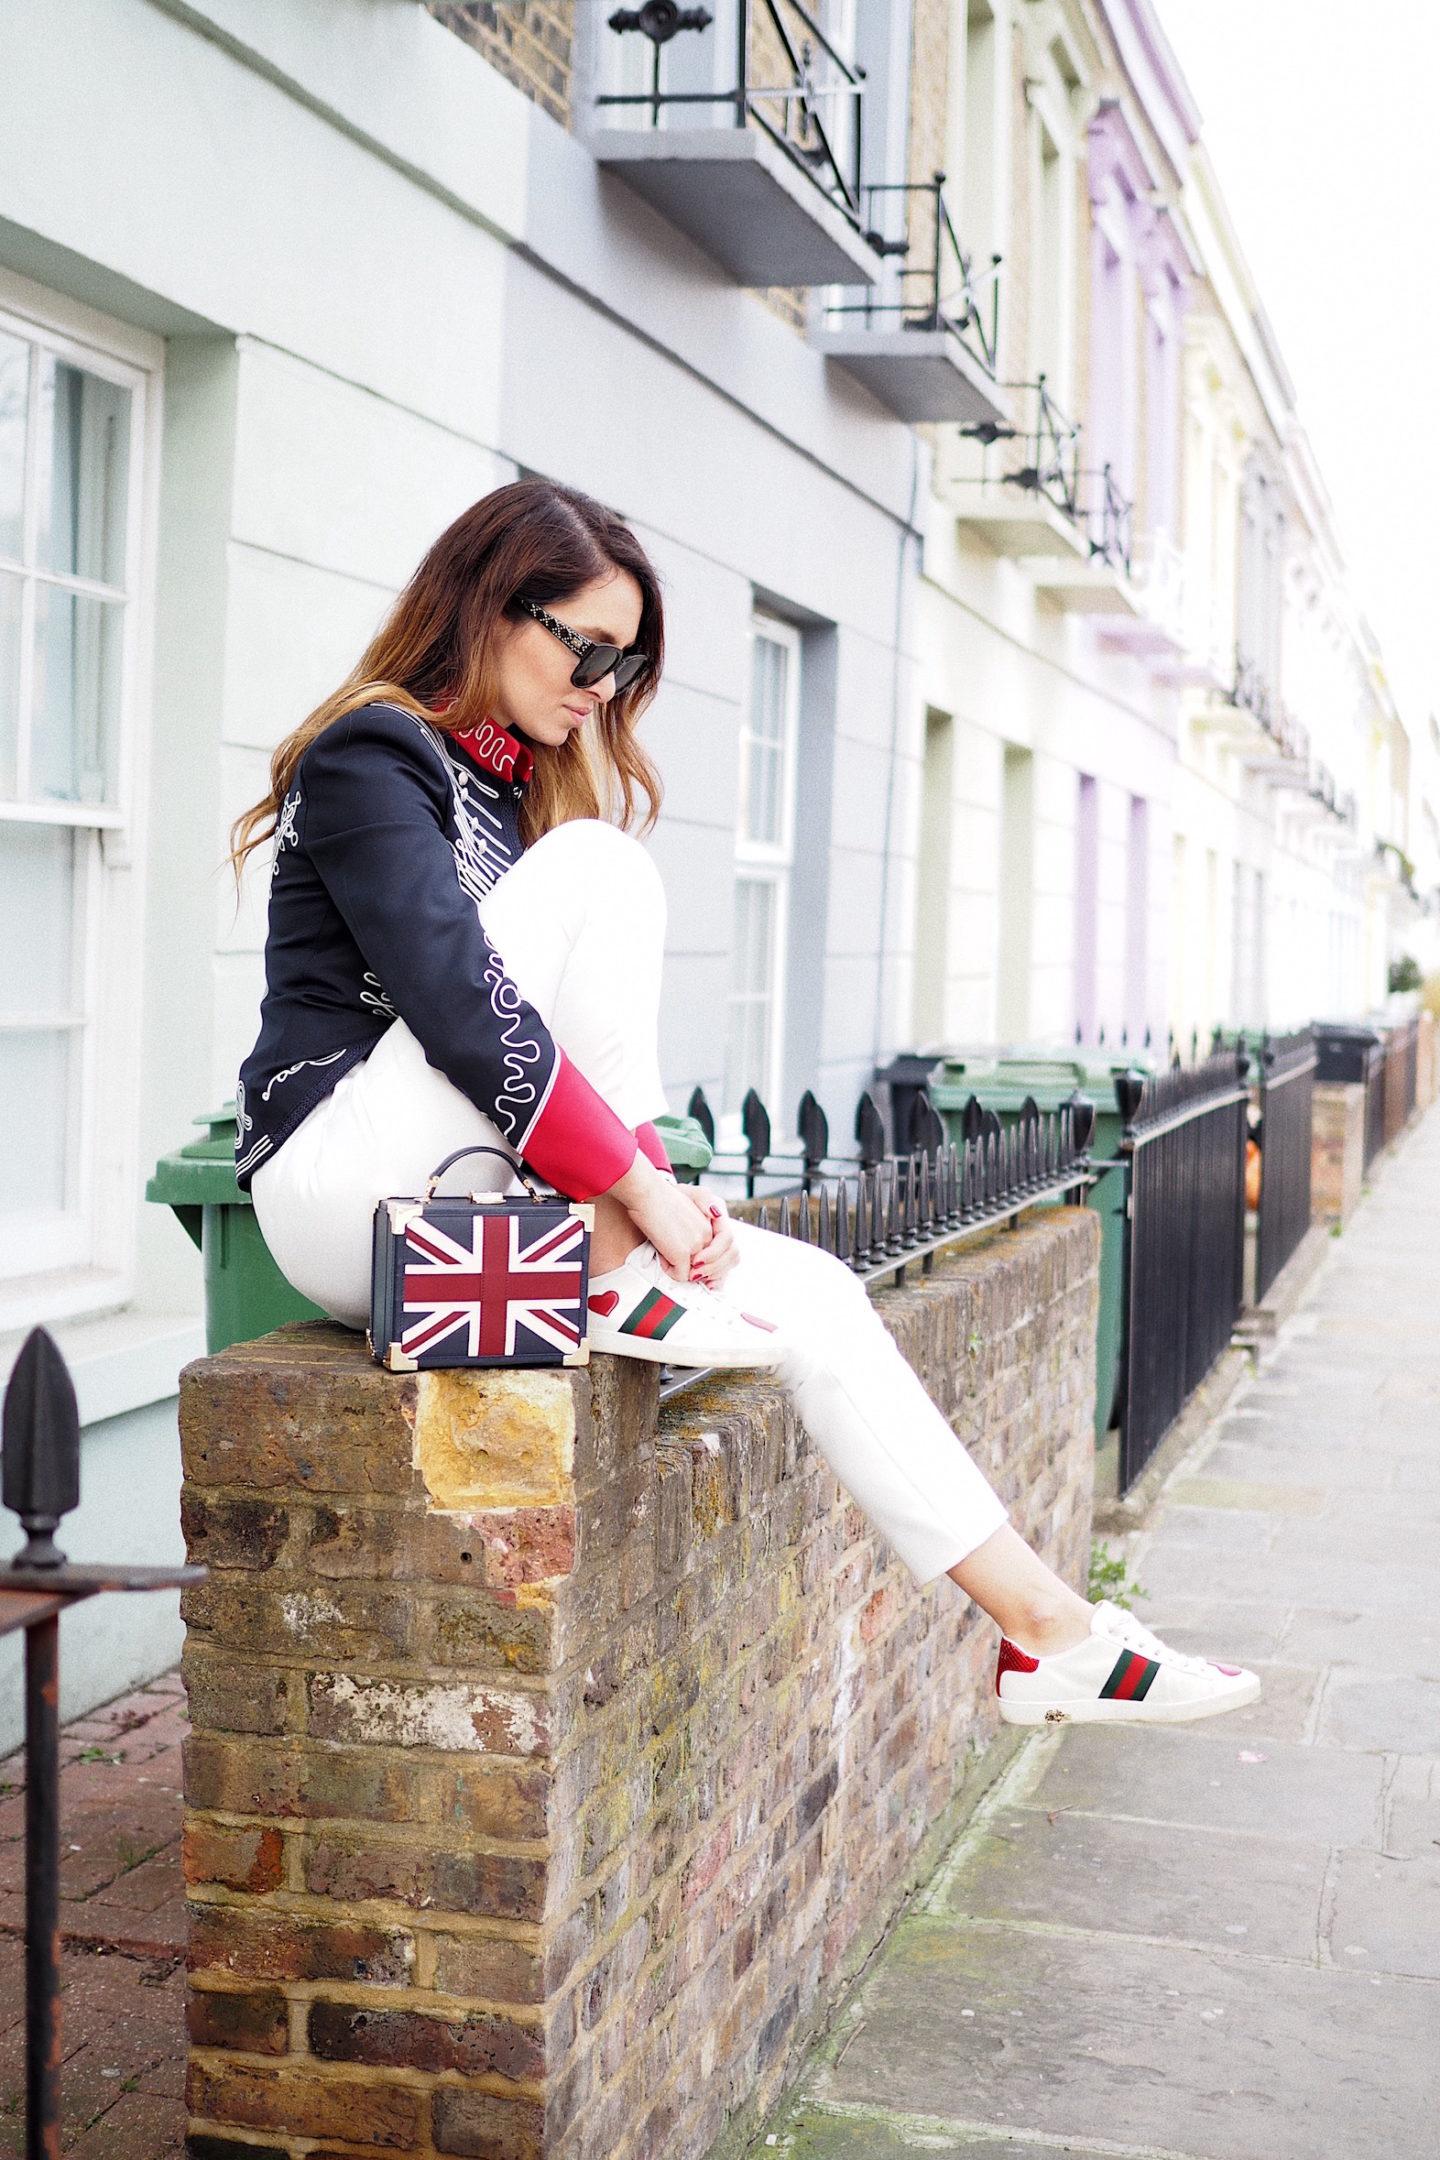 british style camden town